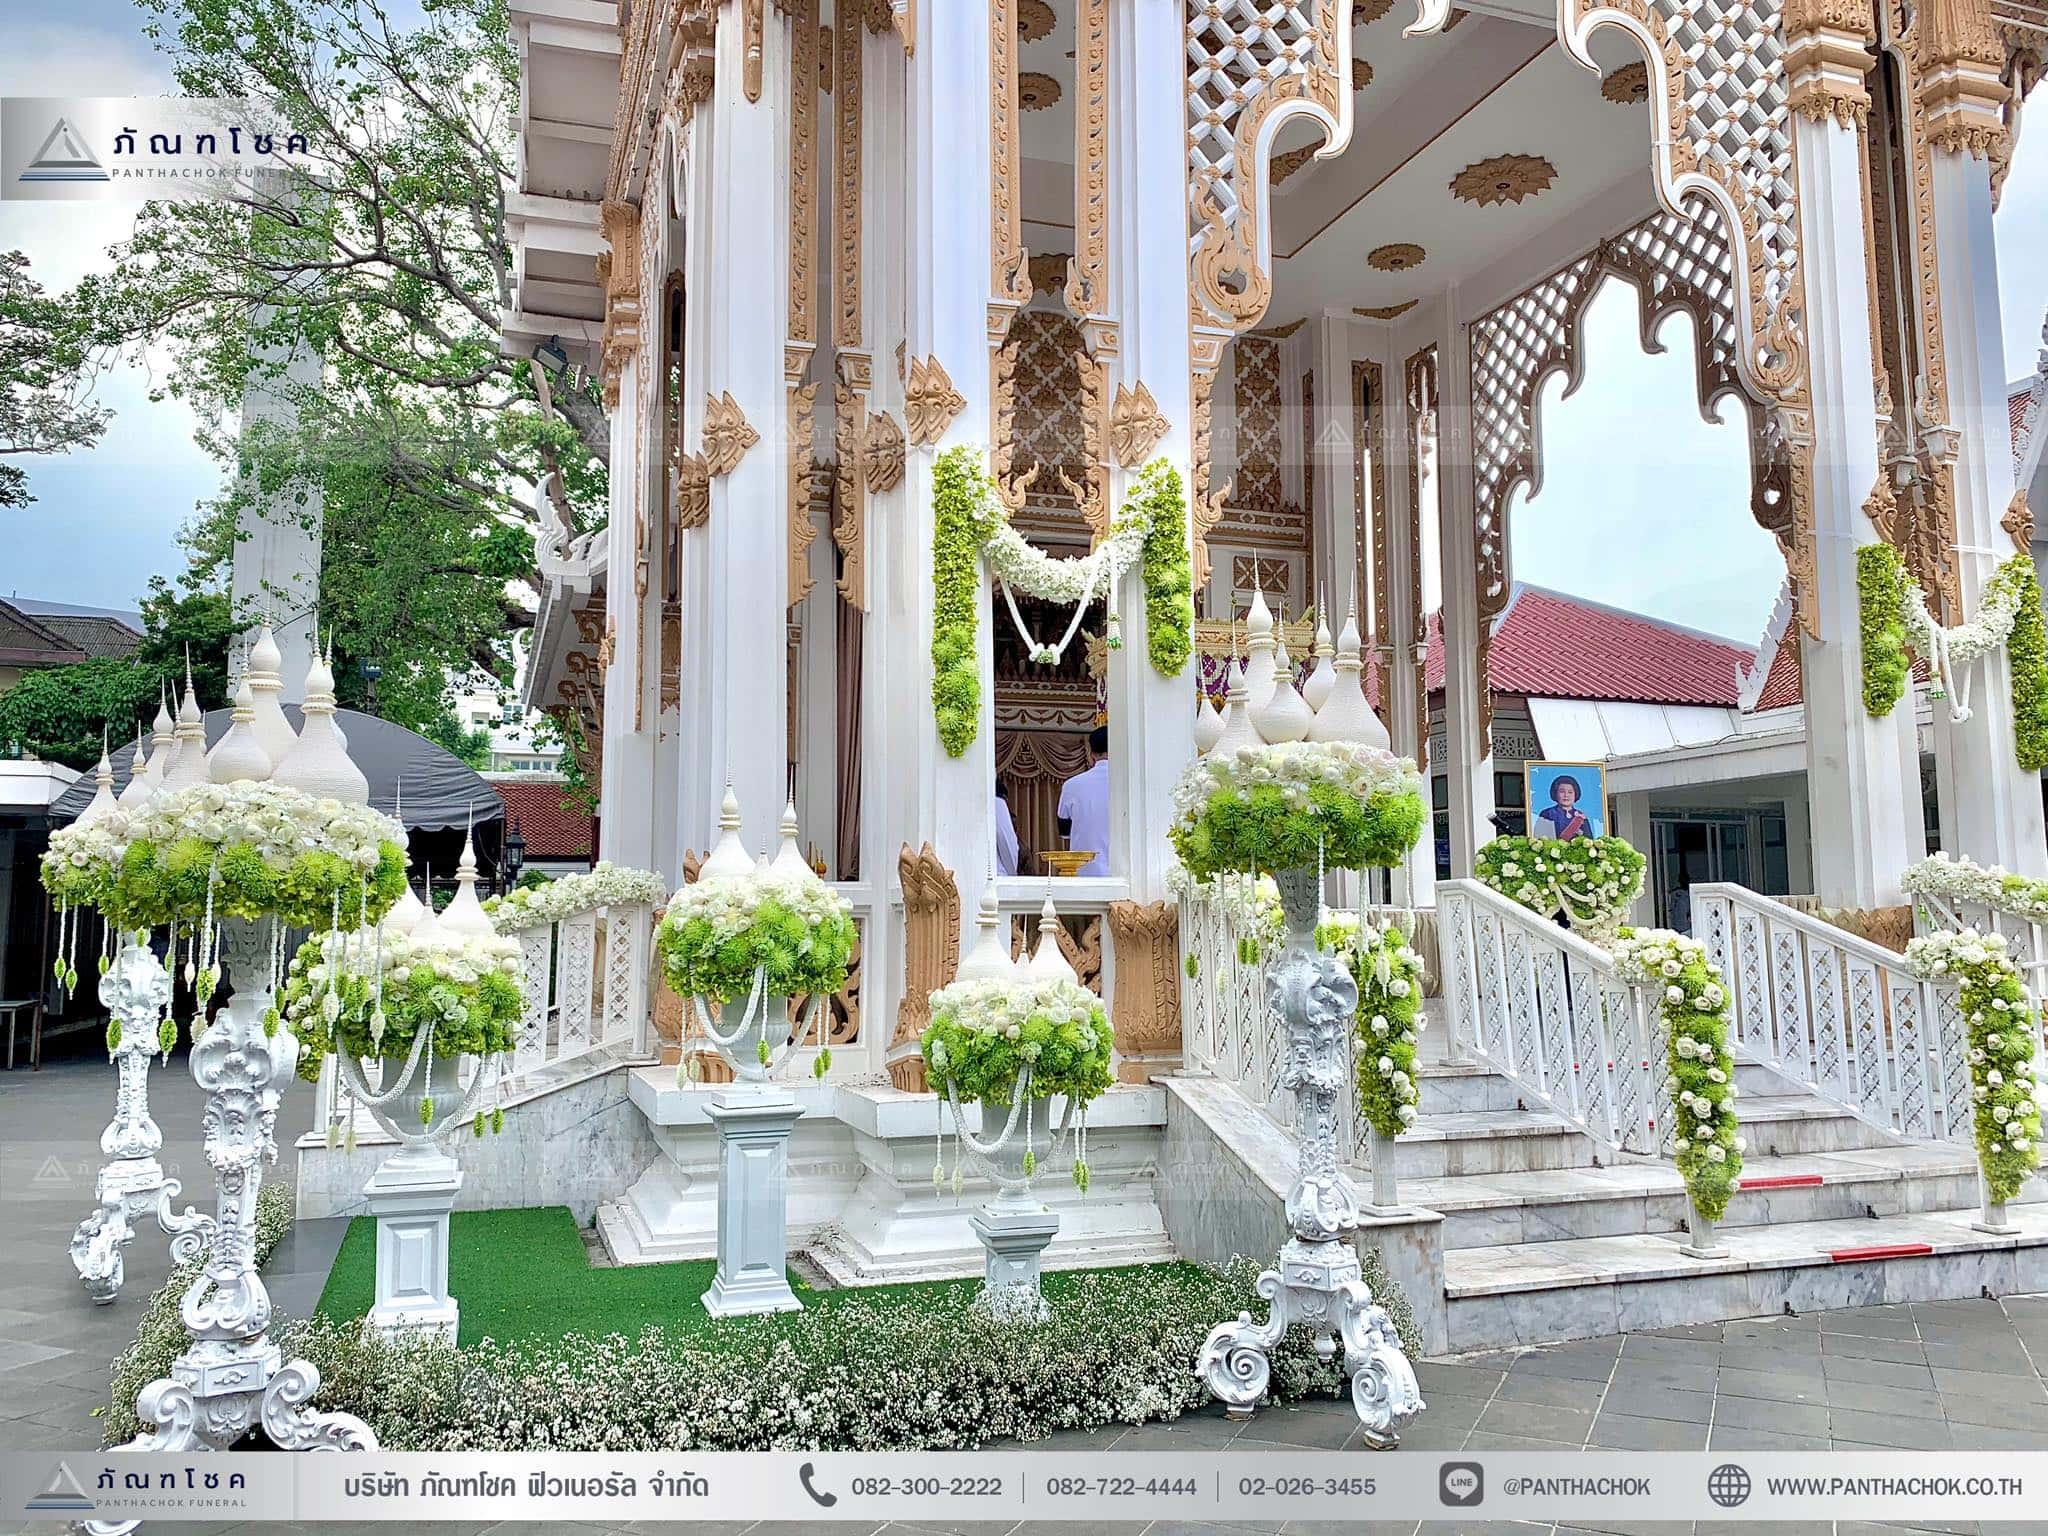 ดอกไม้ประดับเมรุในรูปแบบไทยประยุกต์ ณ วัดมกุฏกษัตริยารามราชวรวิหาร 6